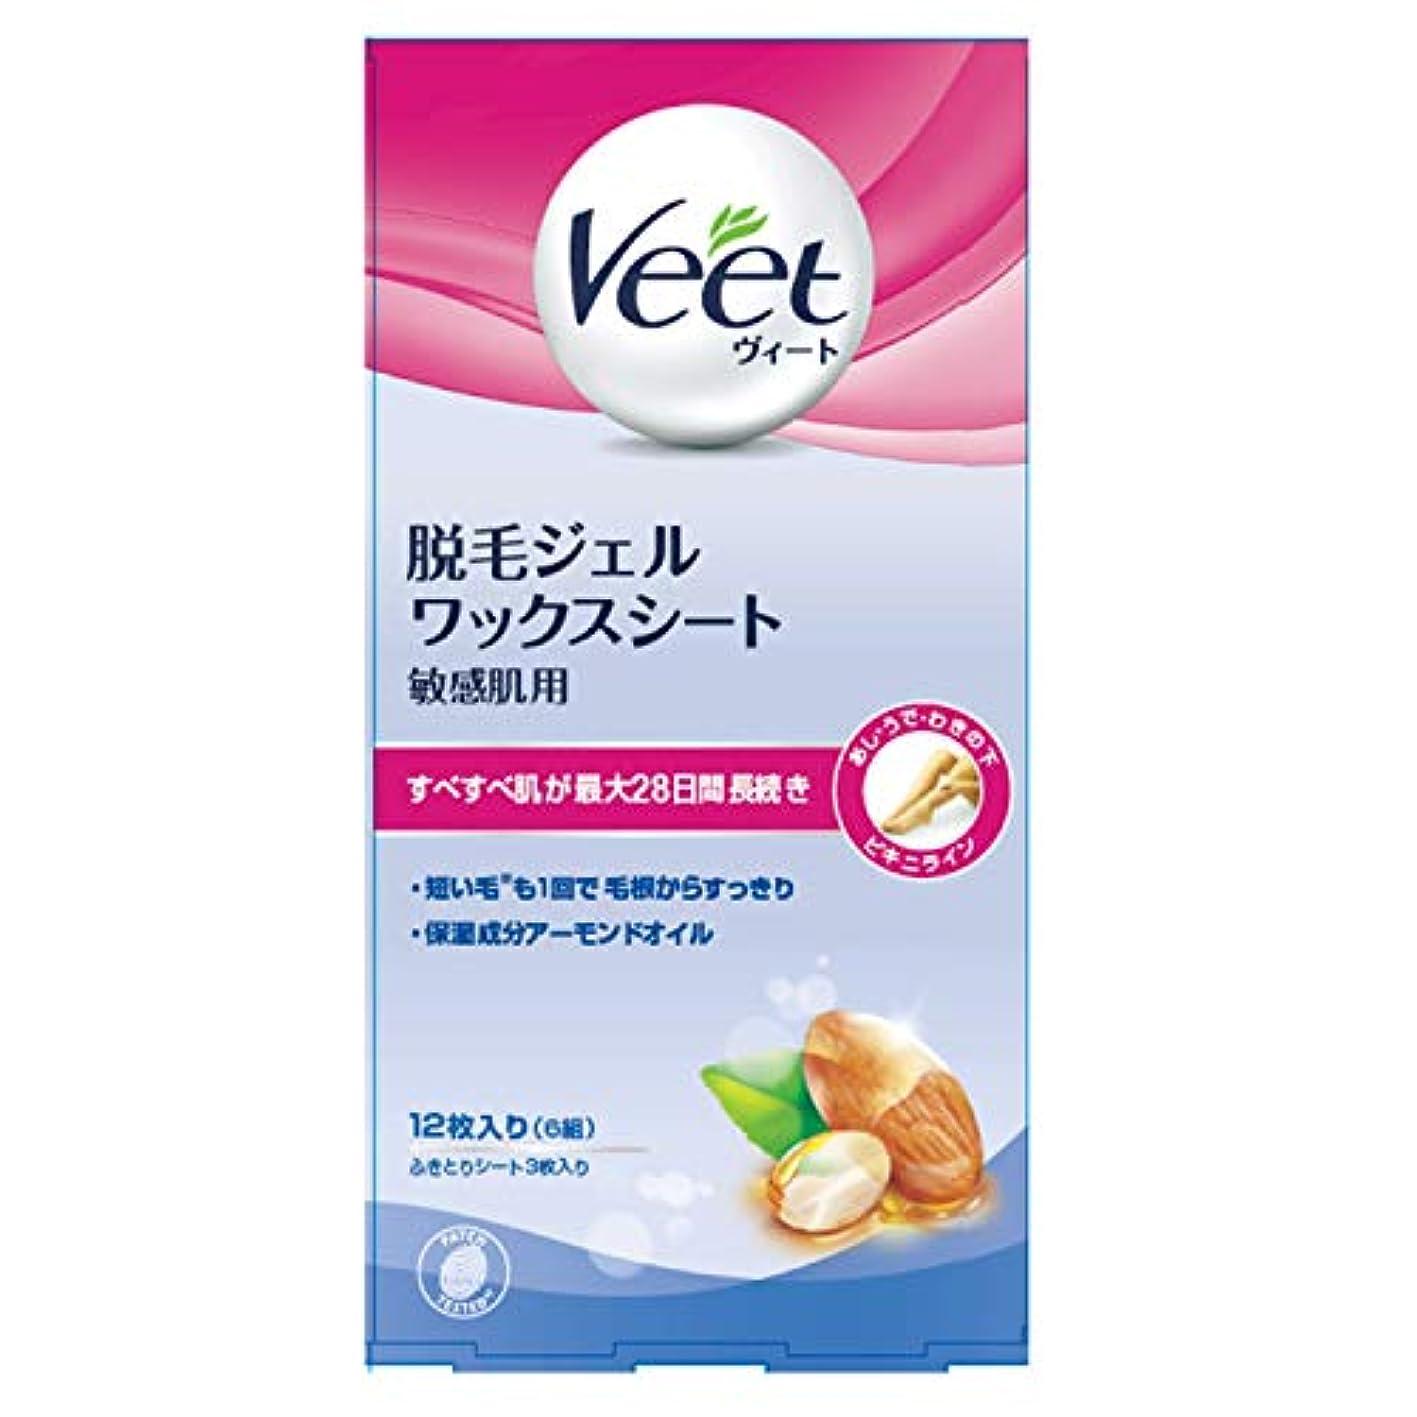 他に素晴らしいですためにヴィート 脱毛ワックスシート 敏感肌用 (Veet Wax Strips Sensitive)